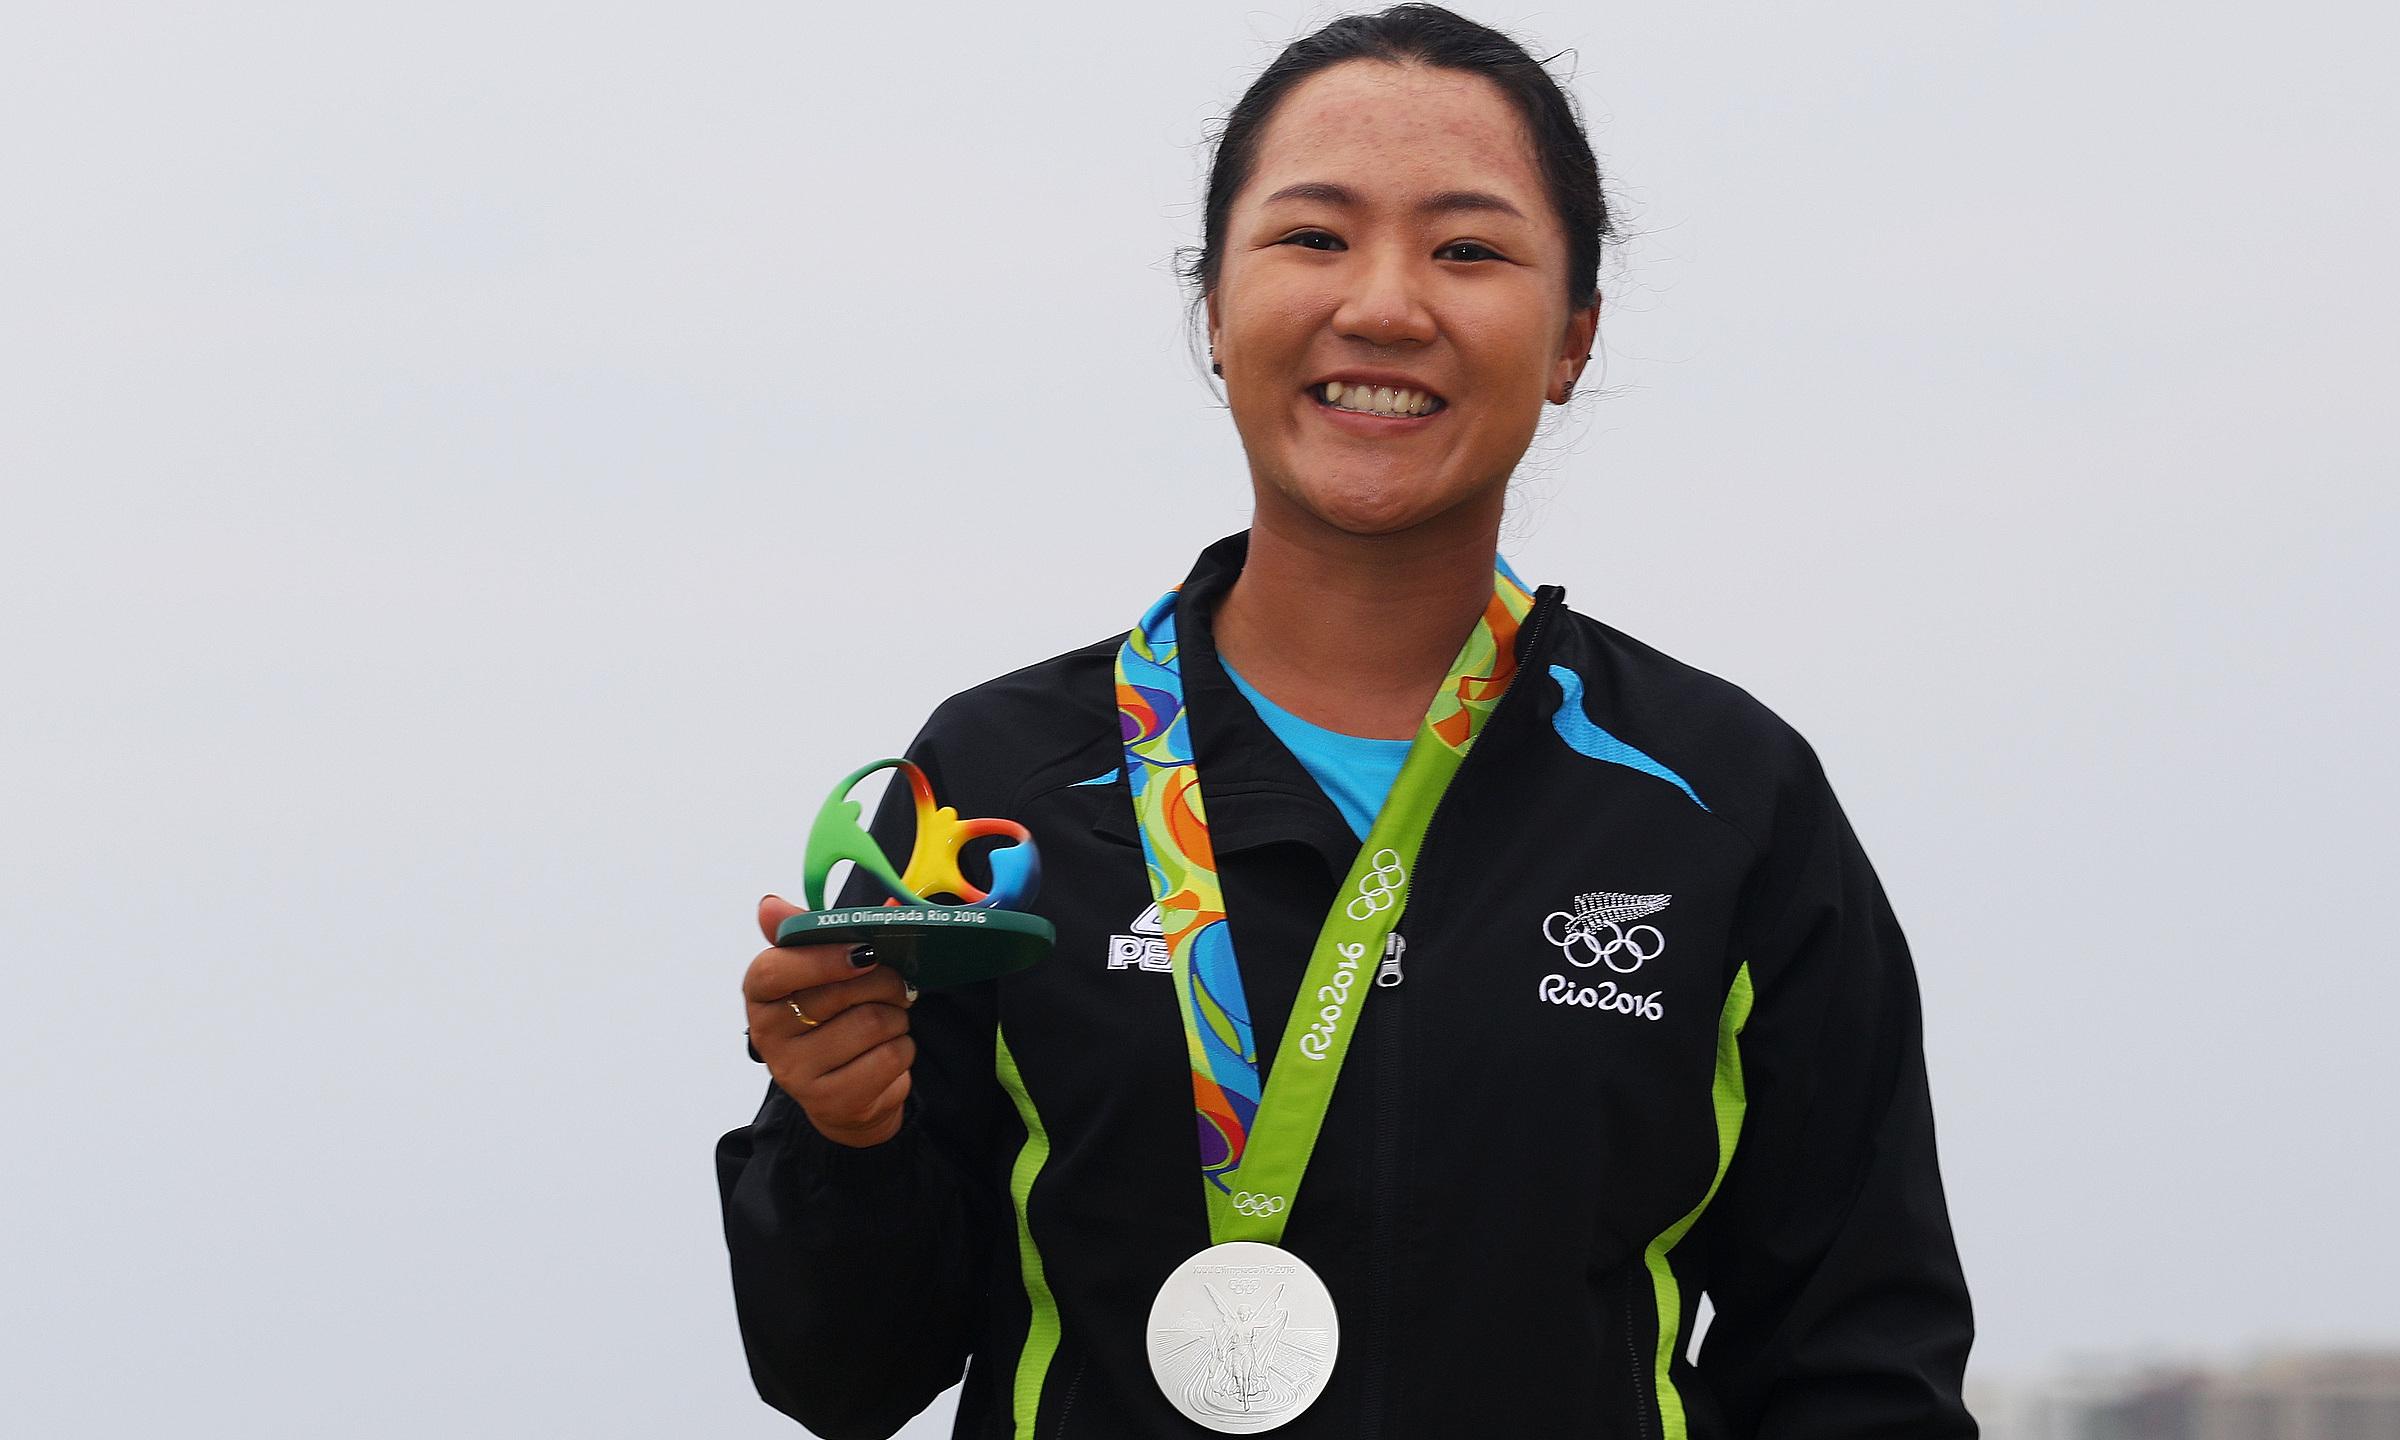 Ko trong lễ nhận huy chương ở Olympic Rio 2016. Ảnh: Team New Zealand